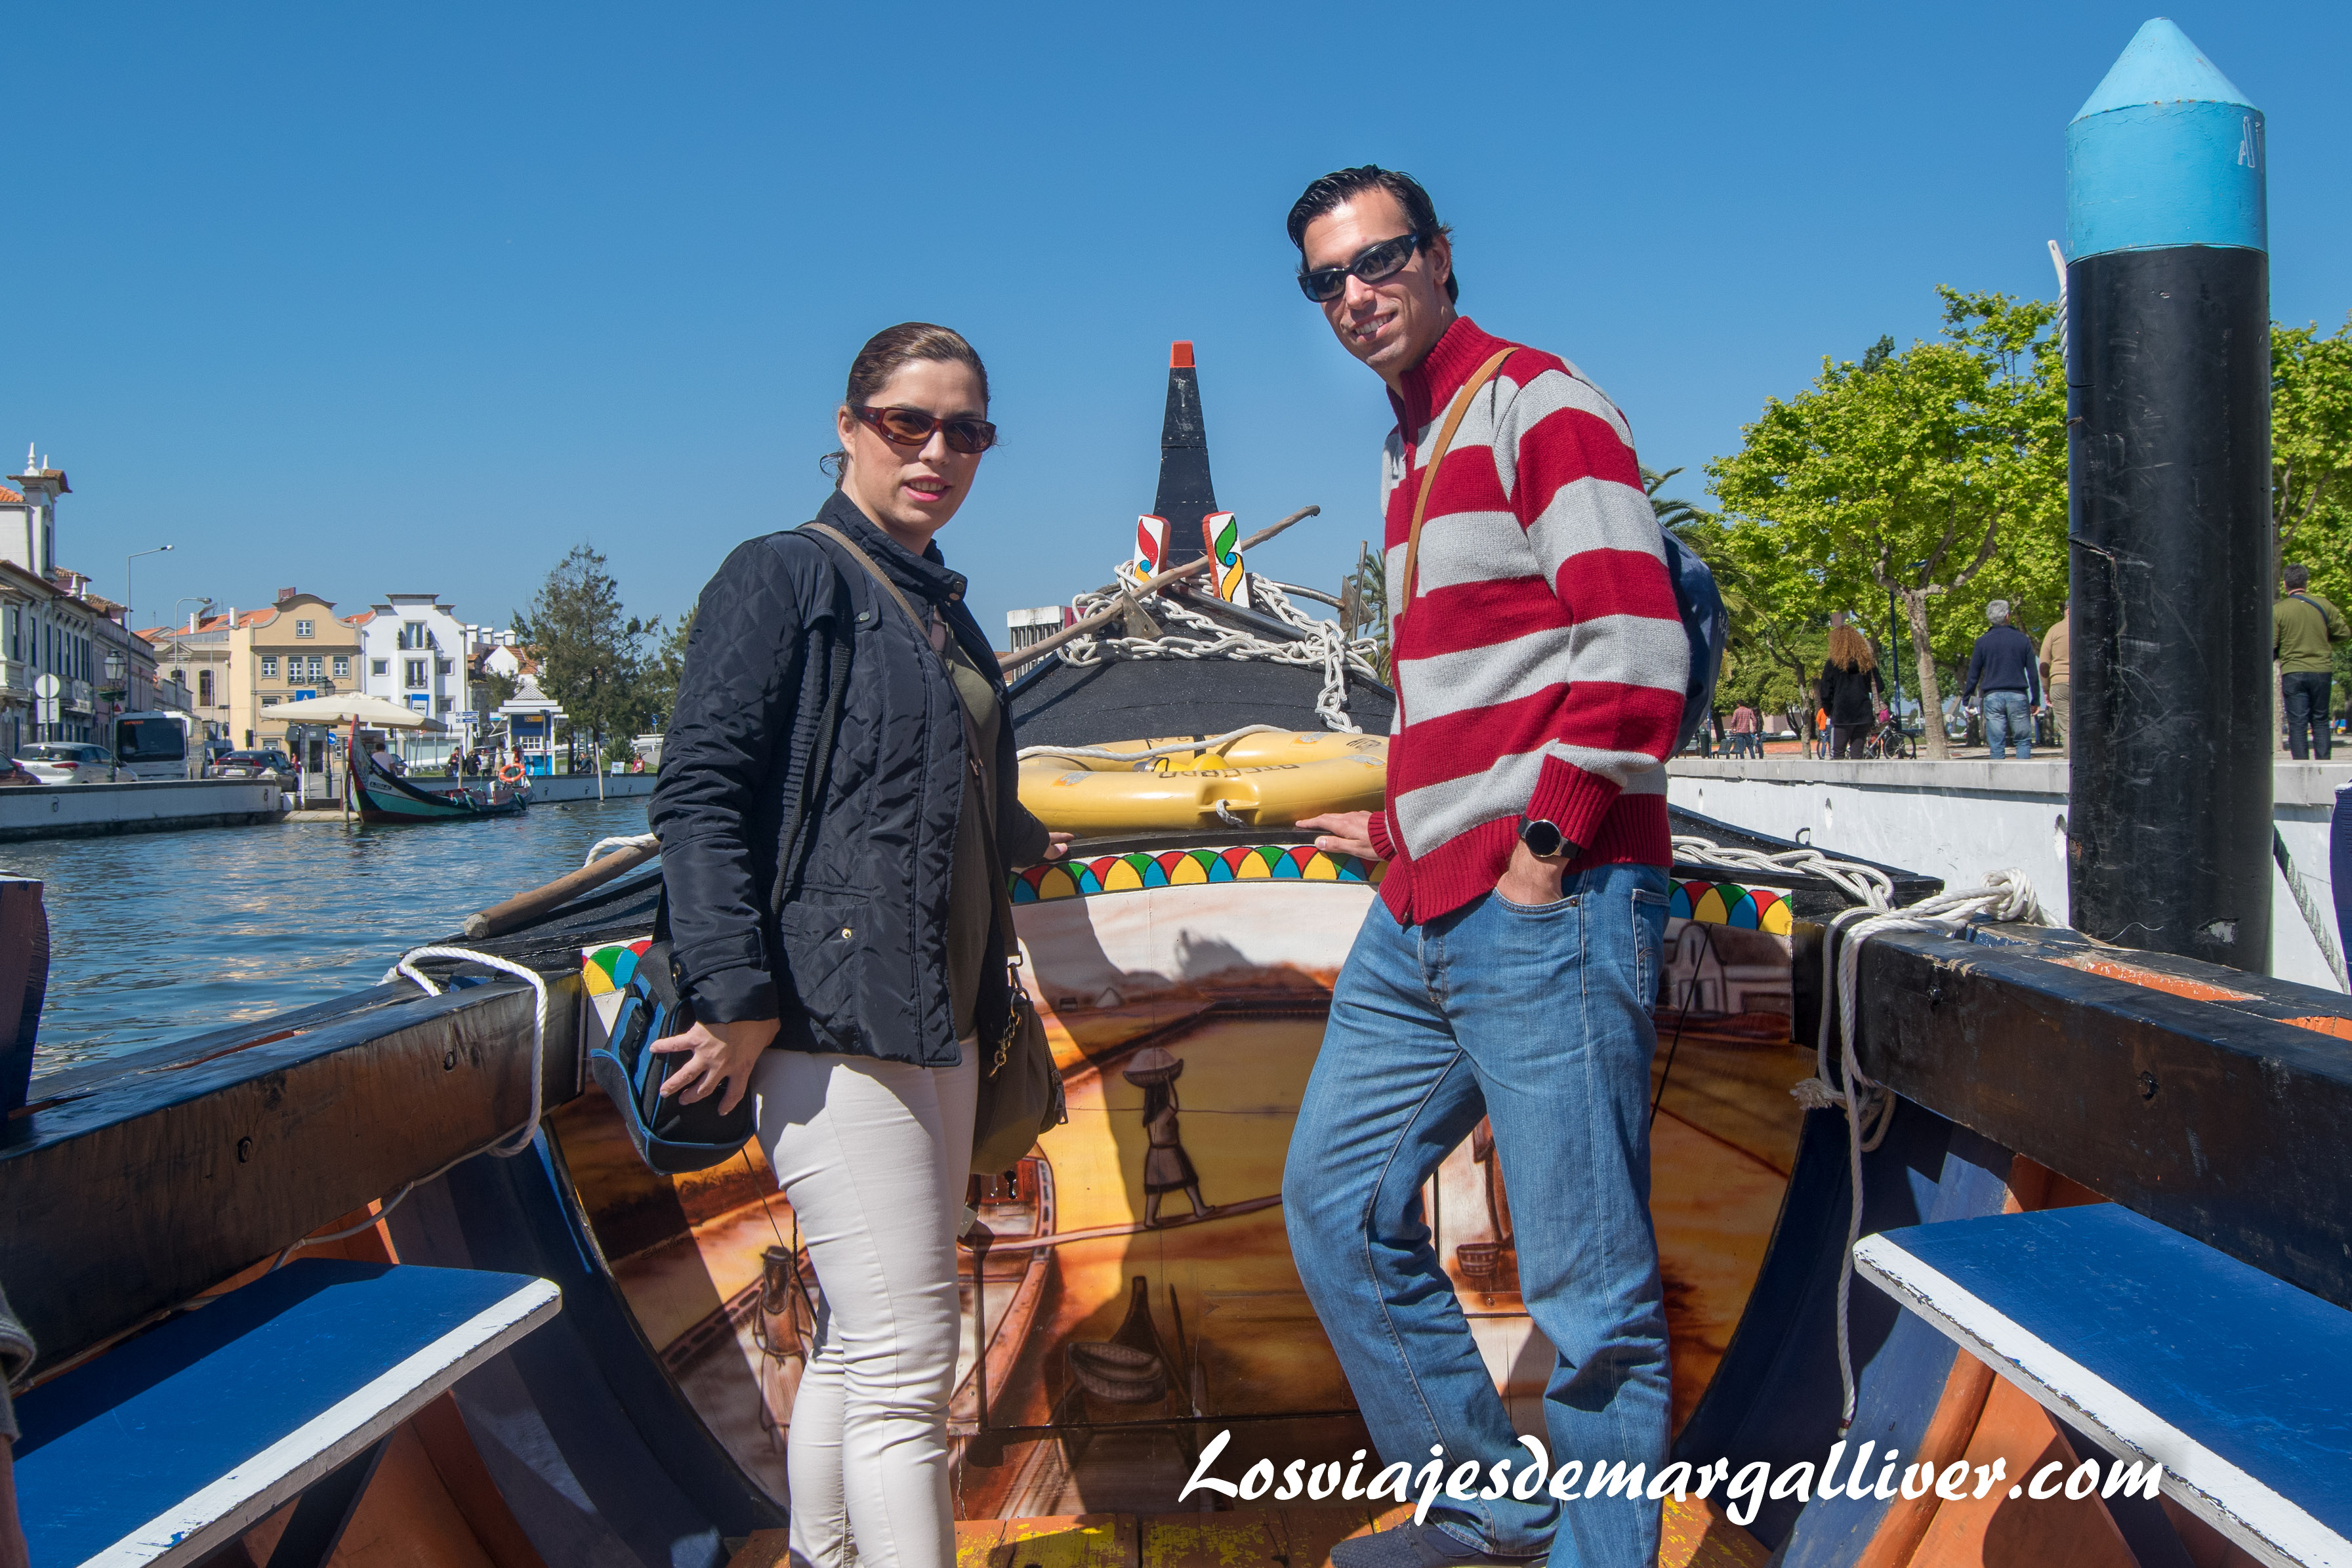 El equipo Margalliver en un moliceiro en Aveiro - los viajes de margalliver